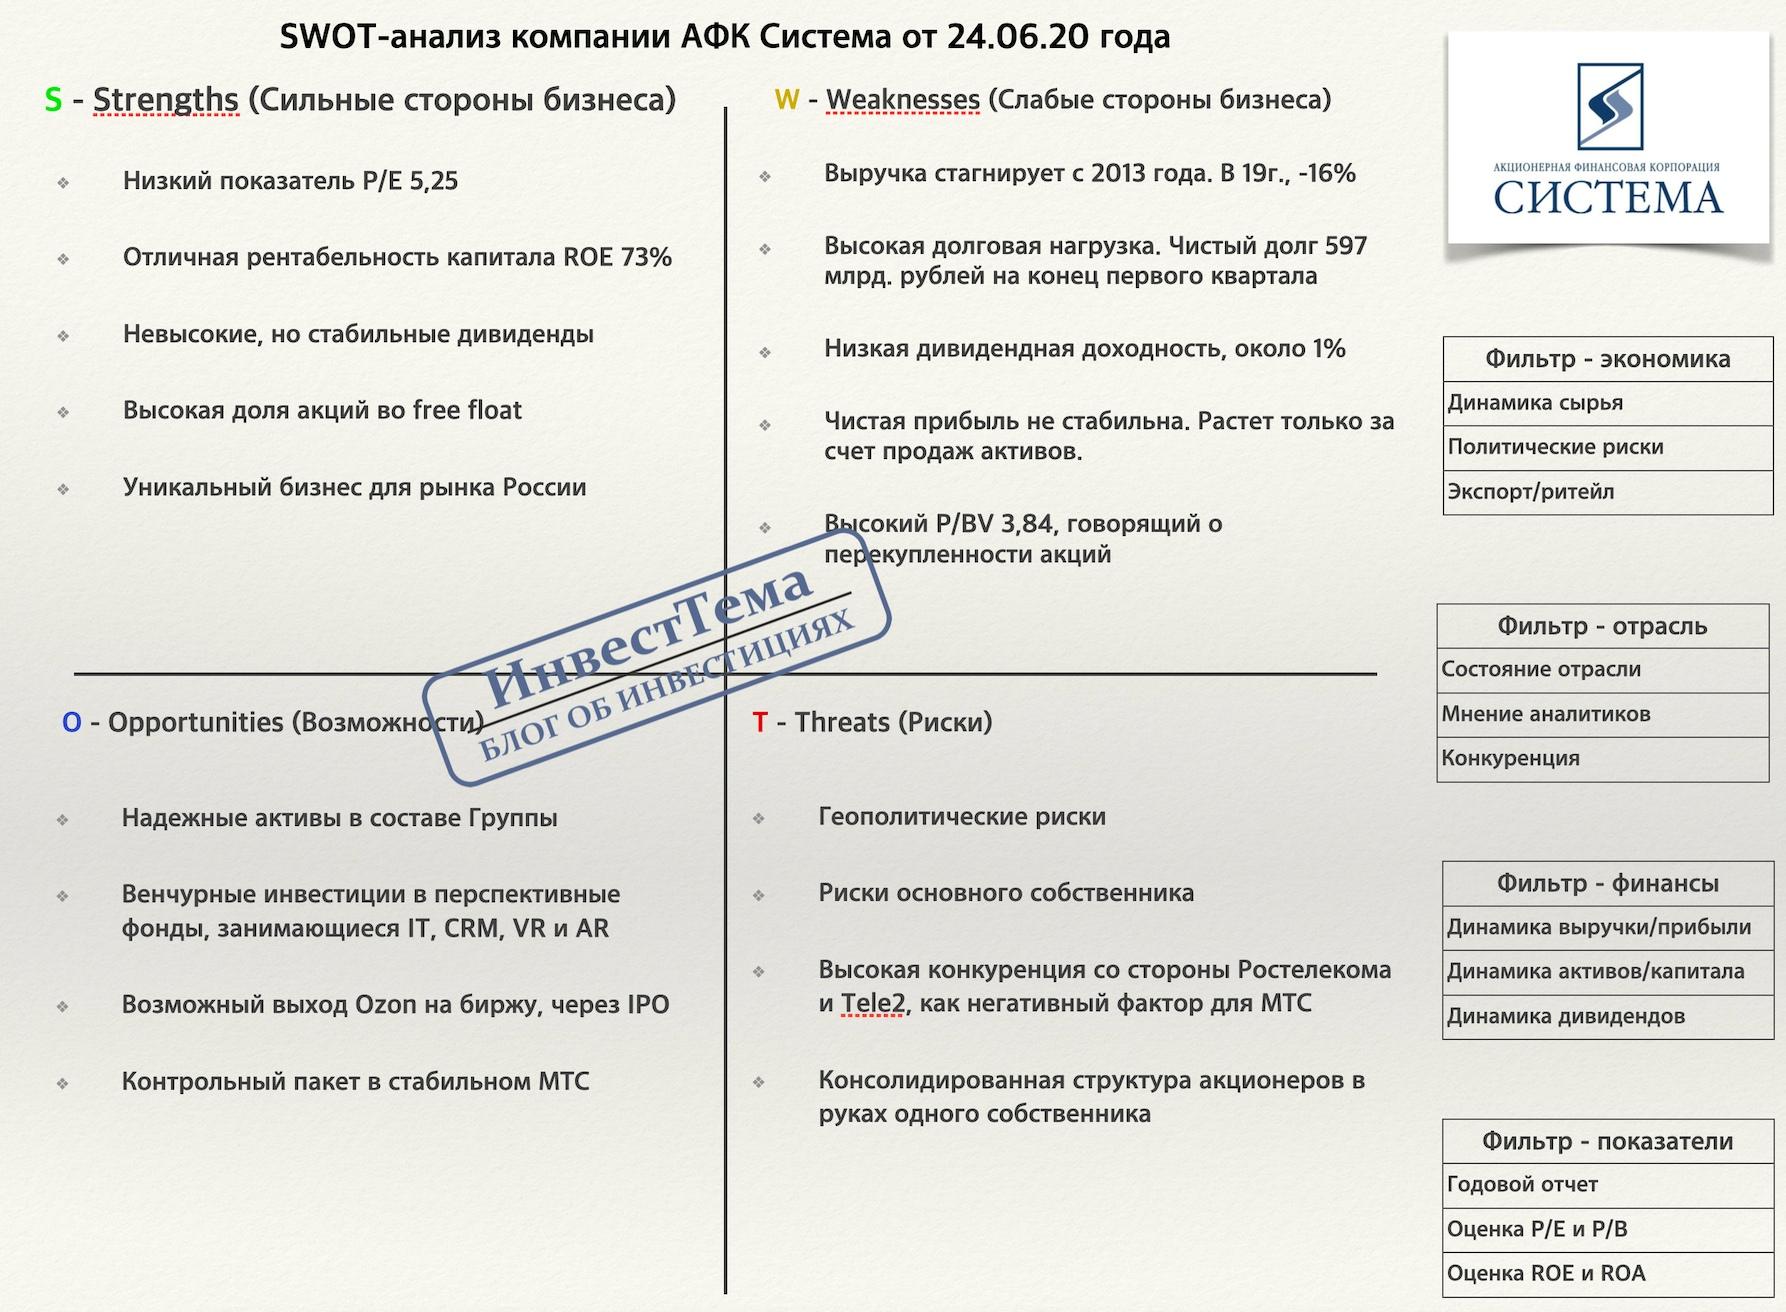 АФК Система - полный разбор компании + SWOT-анализ, изображение №14